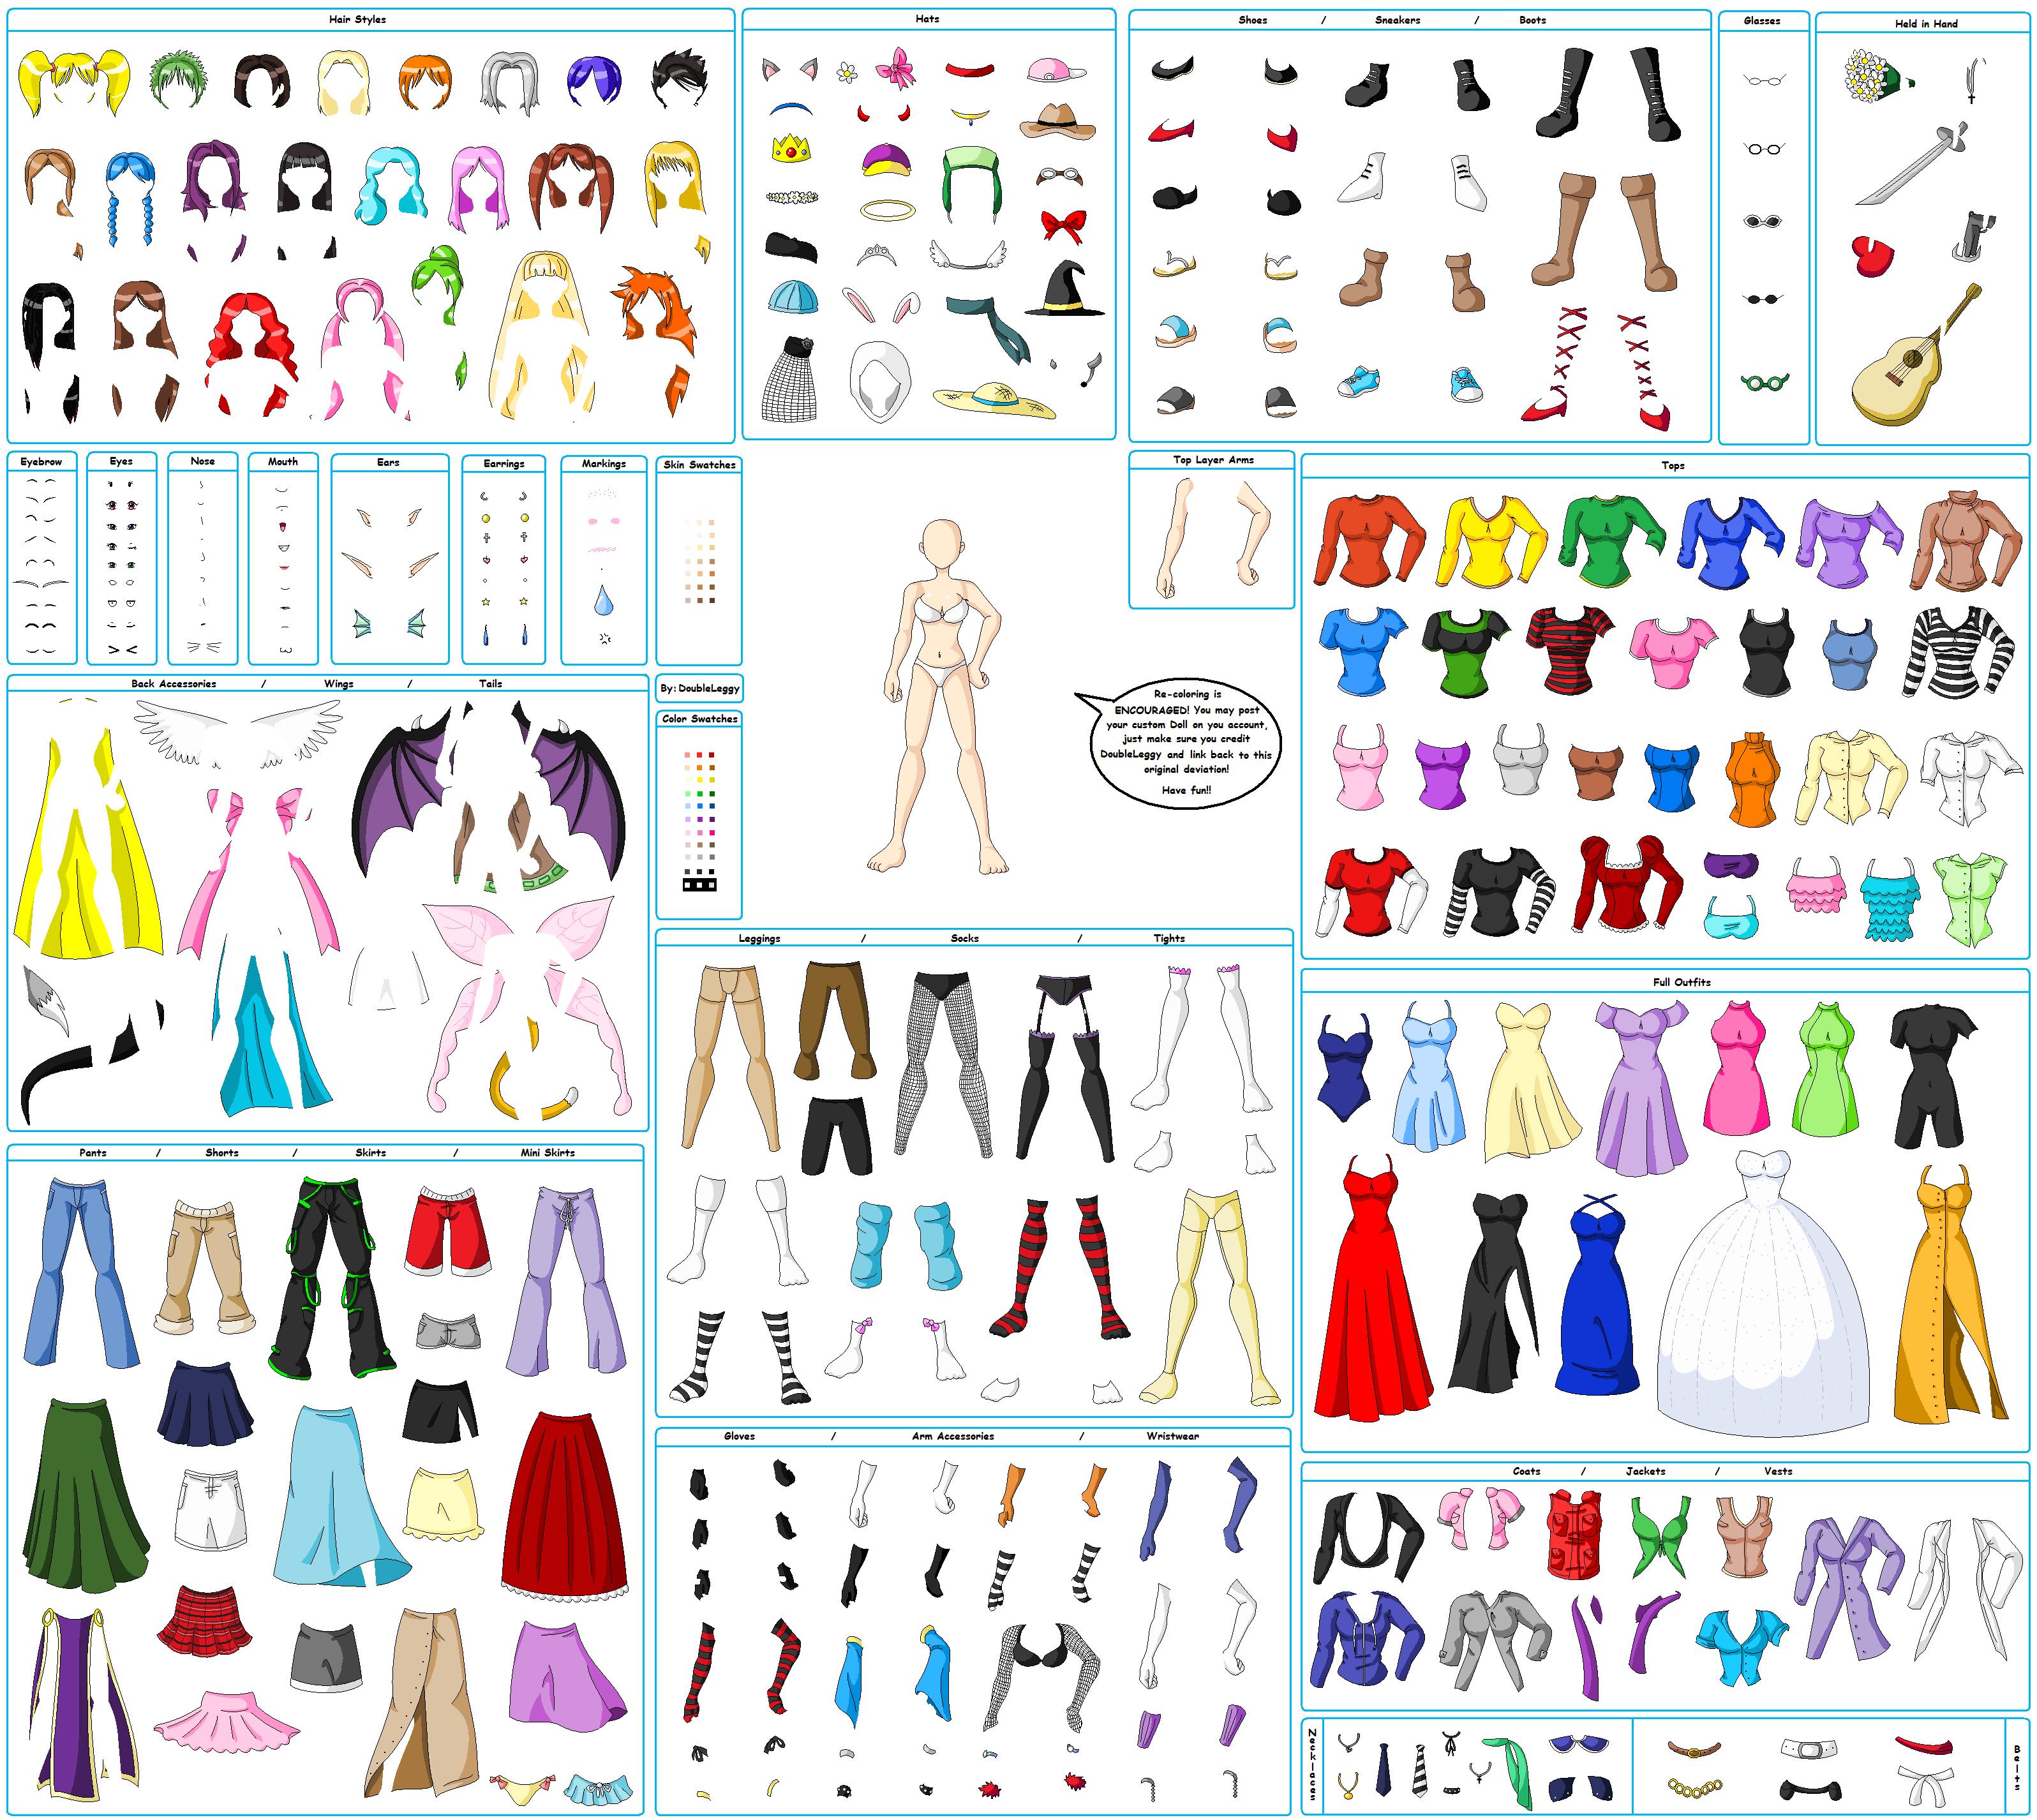 MS Paint Anime Doll Maker by DoubleLeggy on DeviantArt